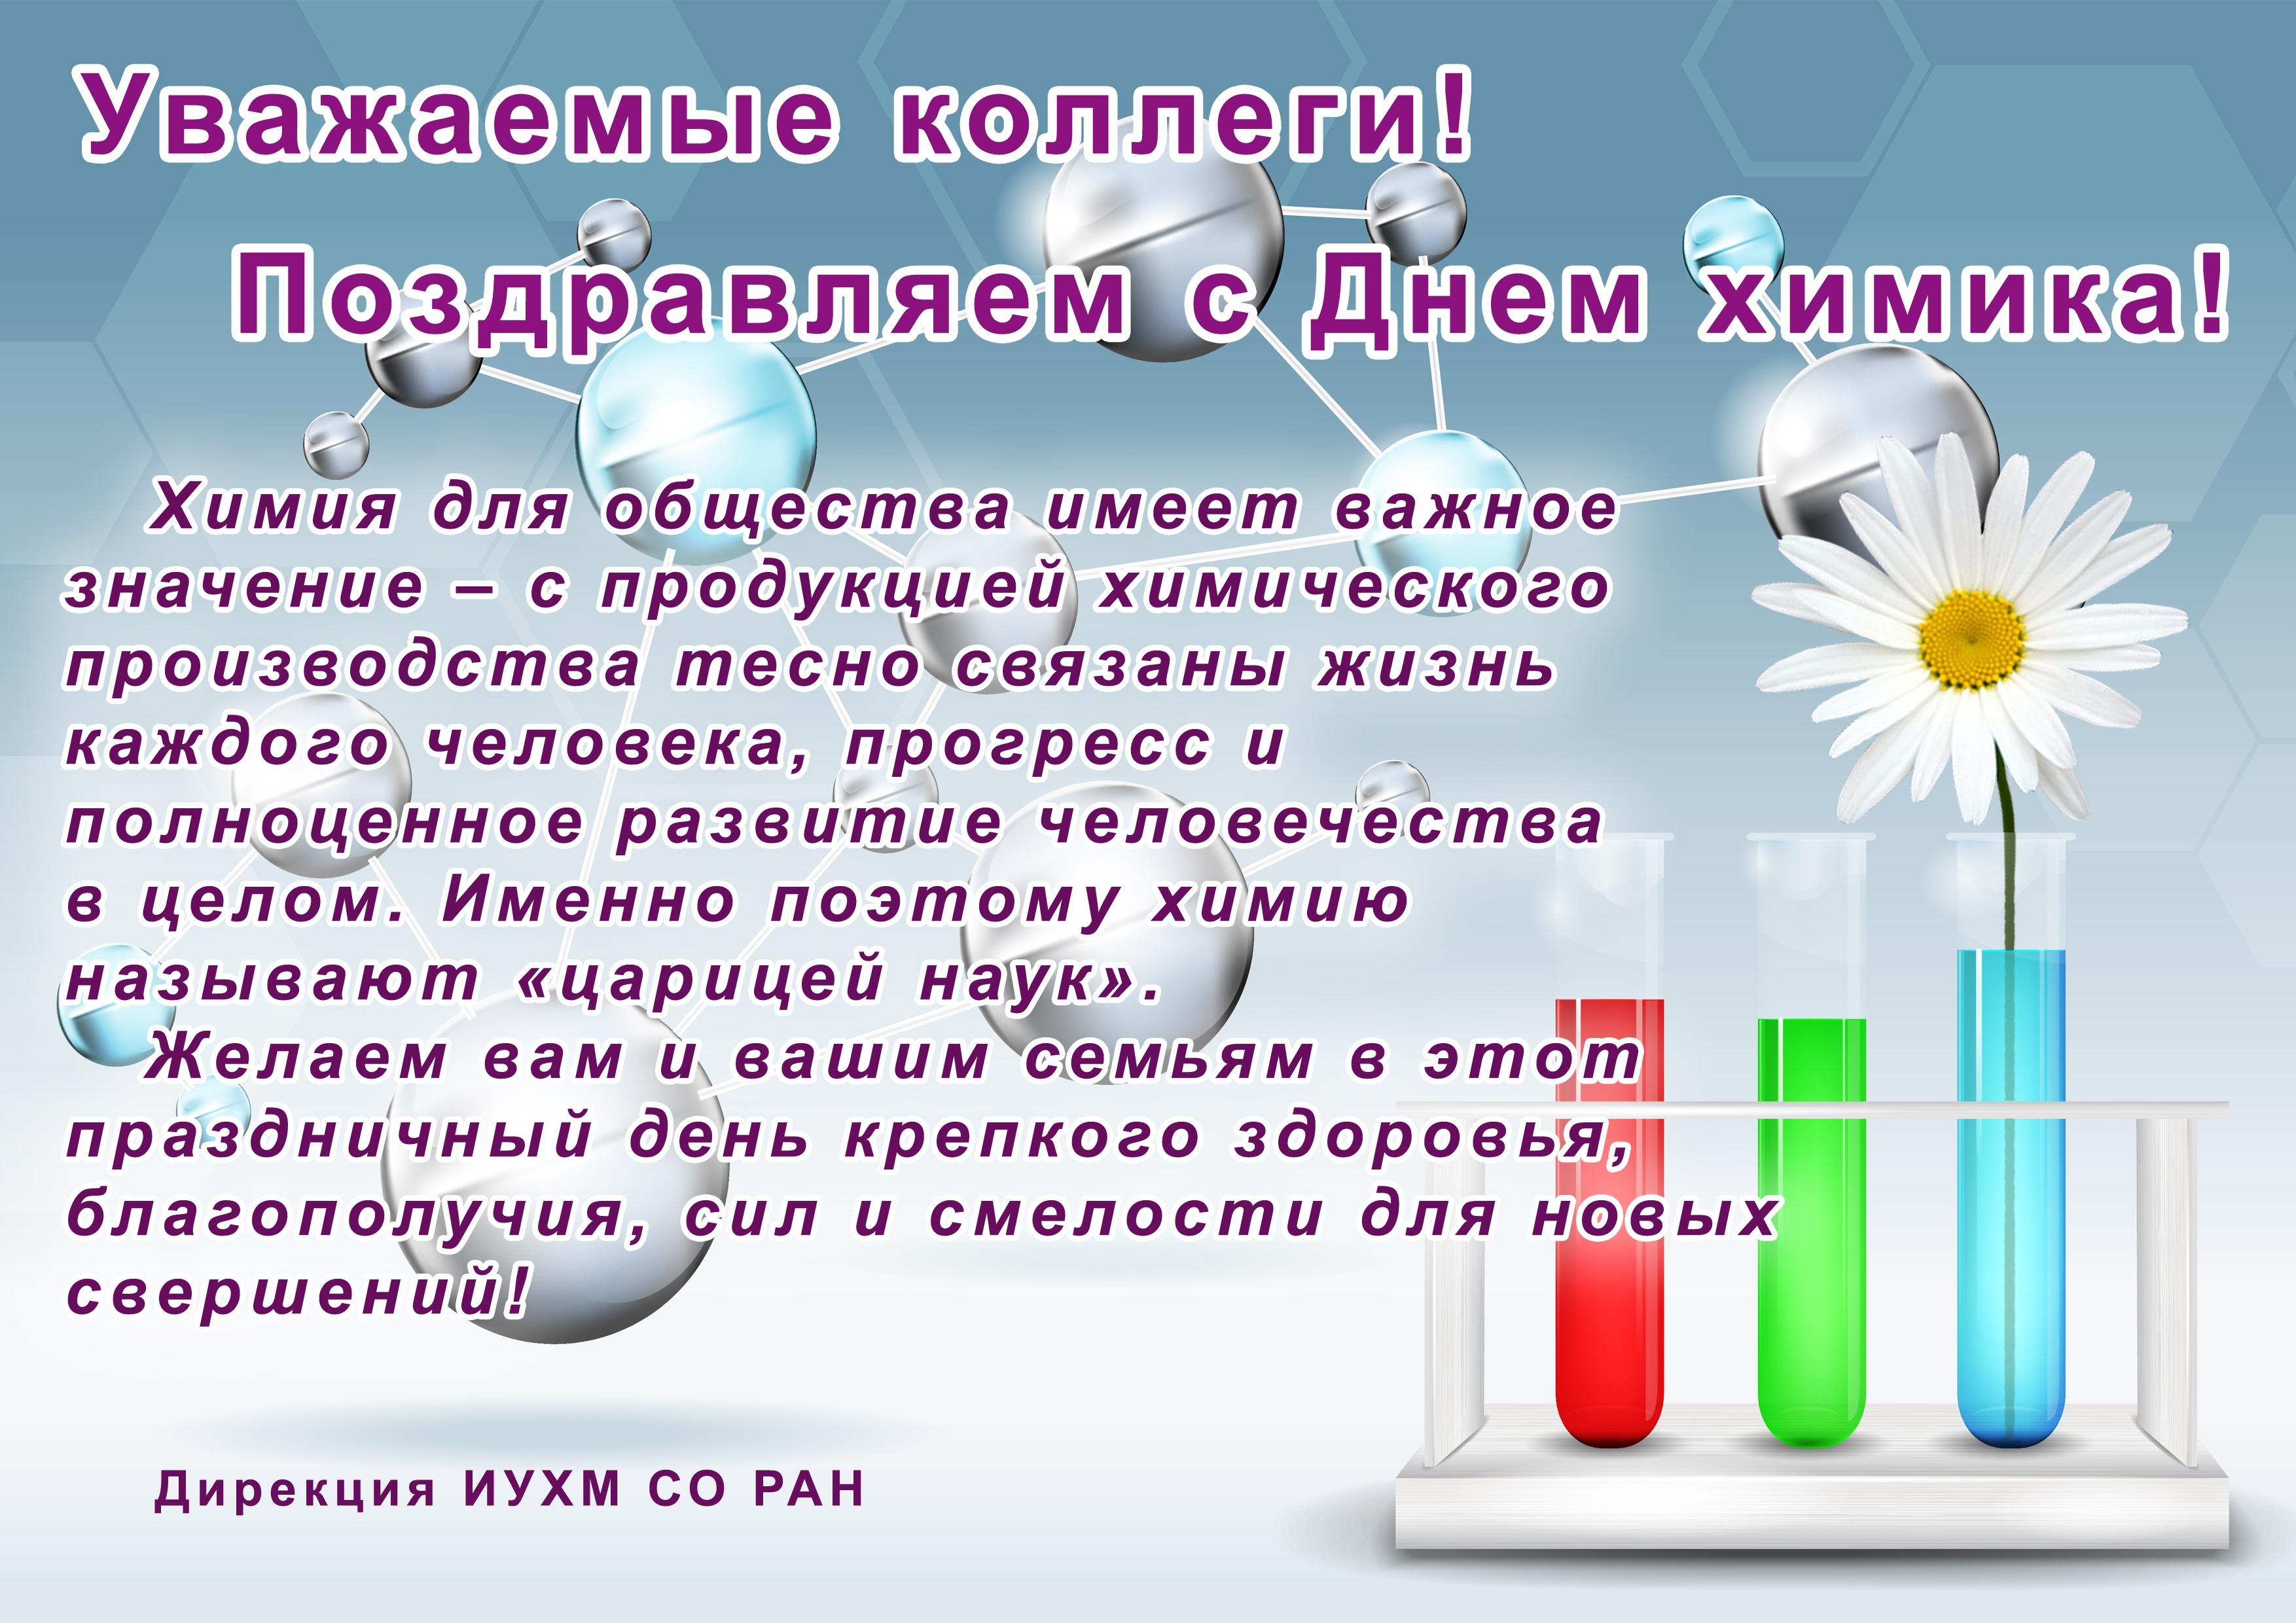 Поздравление химику открытка